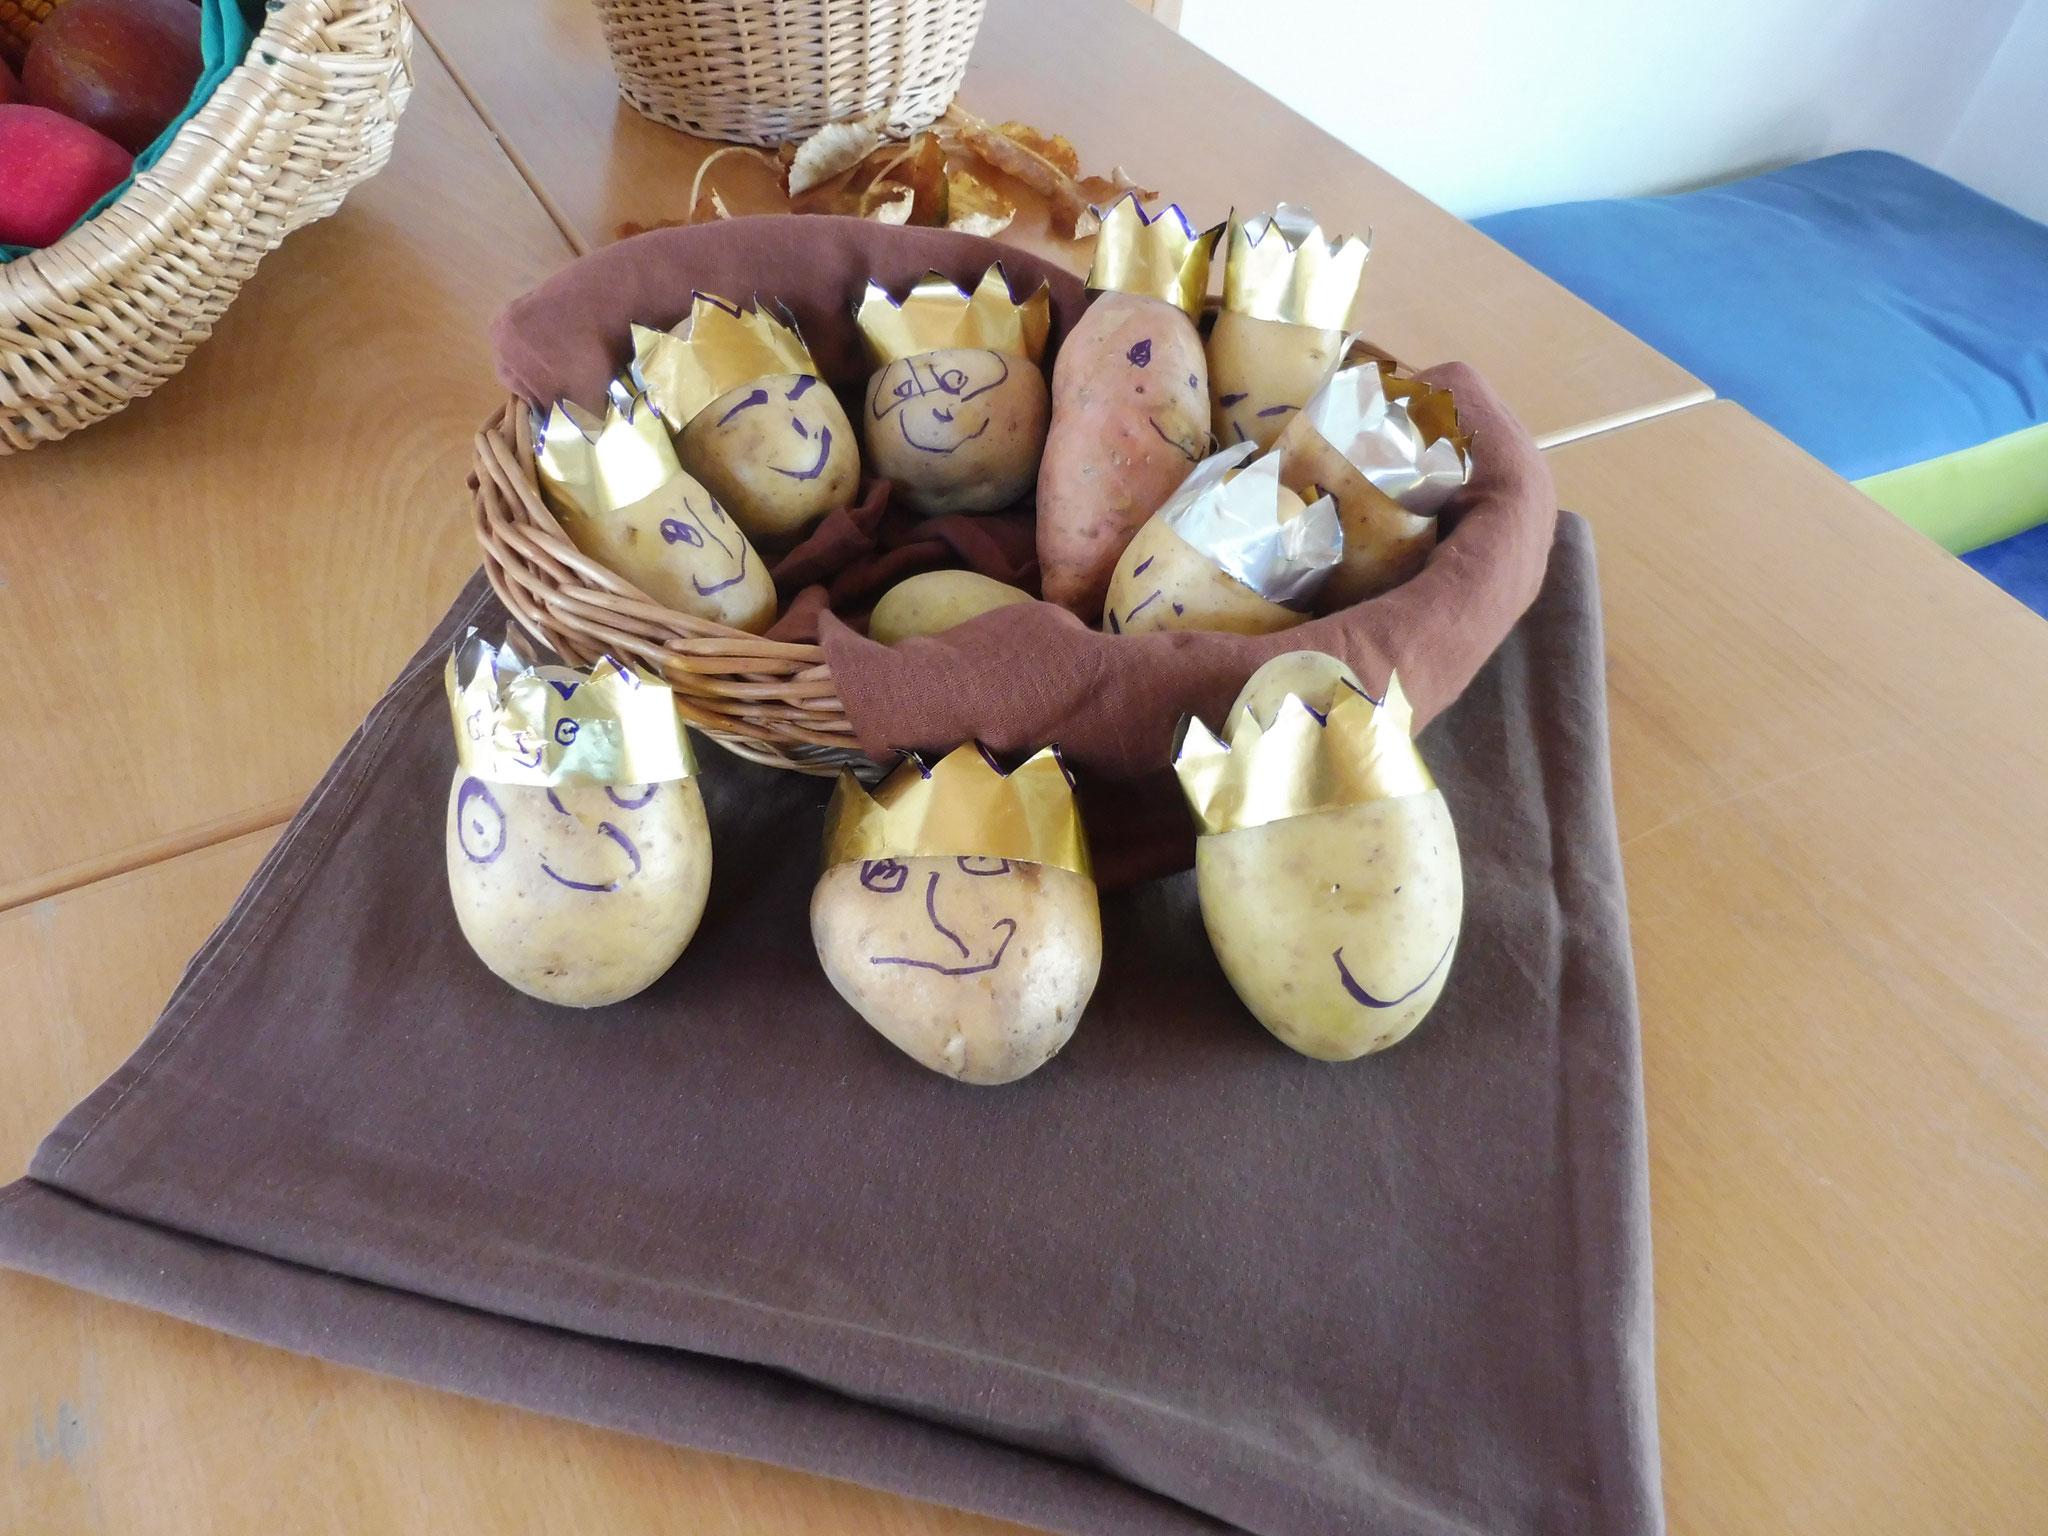 Der Kartoffelkönig bzw. Die Kartoffelkönige